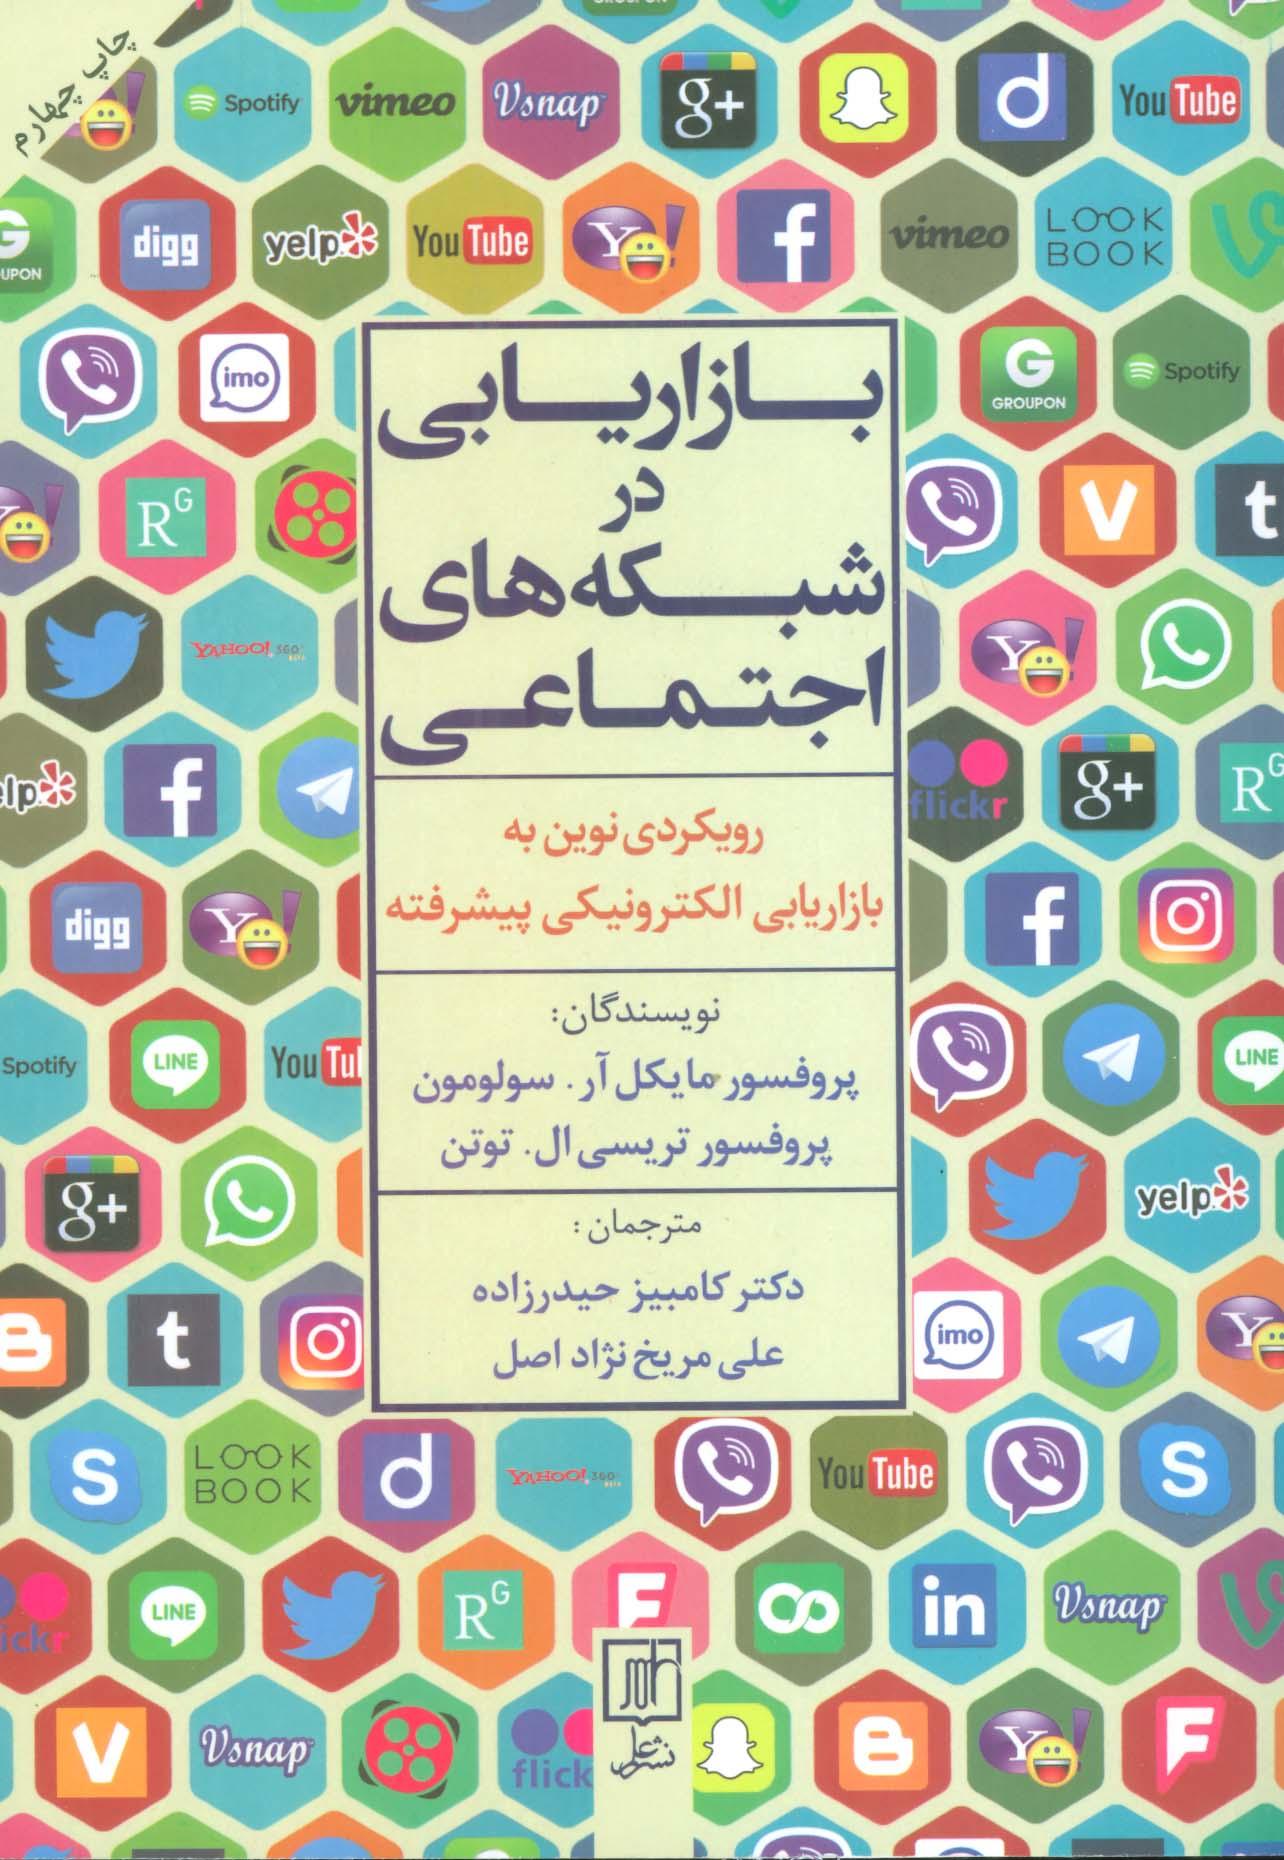 بازاریابی در شبکه های اجتماعی (رویکردی نوین به بازاریابی الکترونیکی پیشرفته)